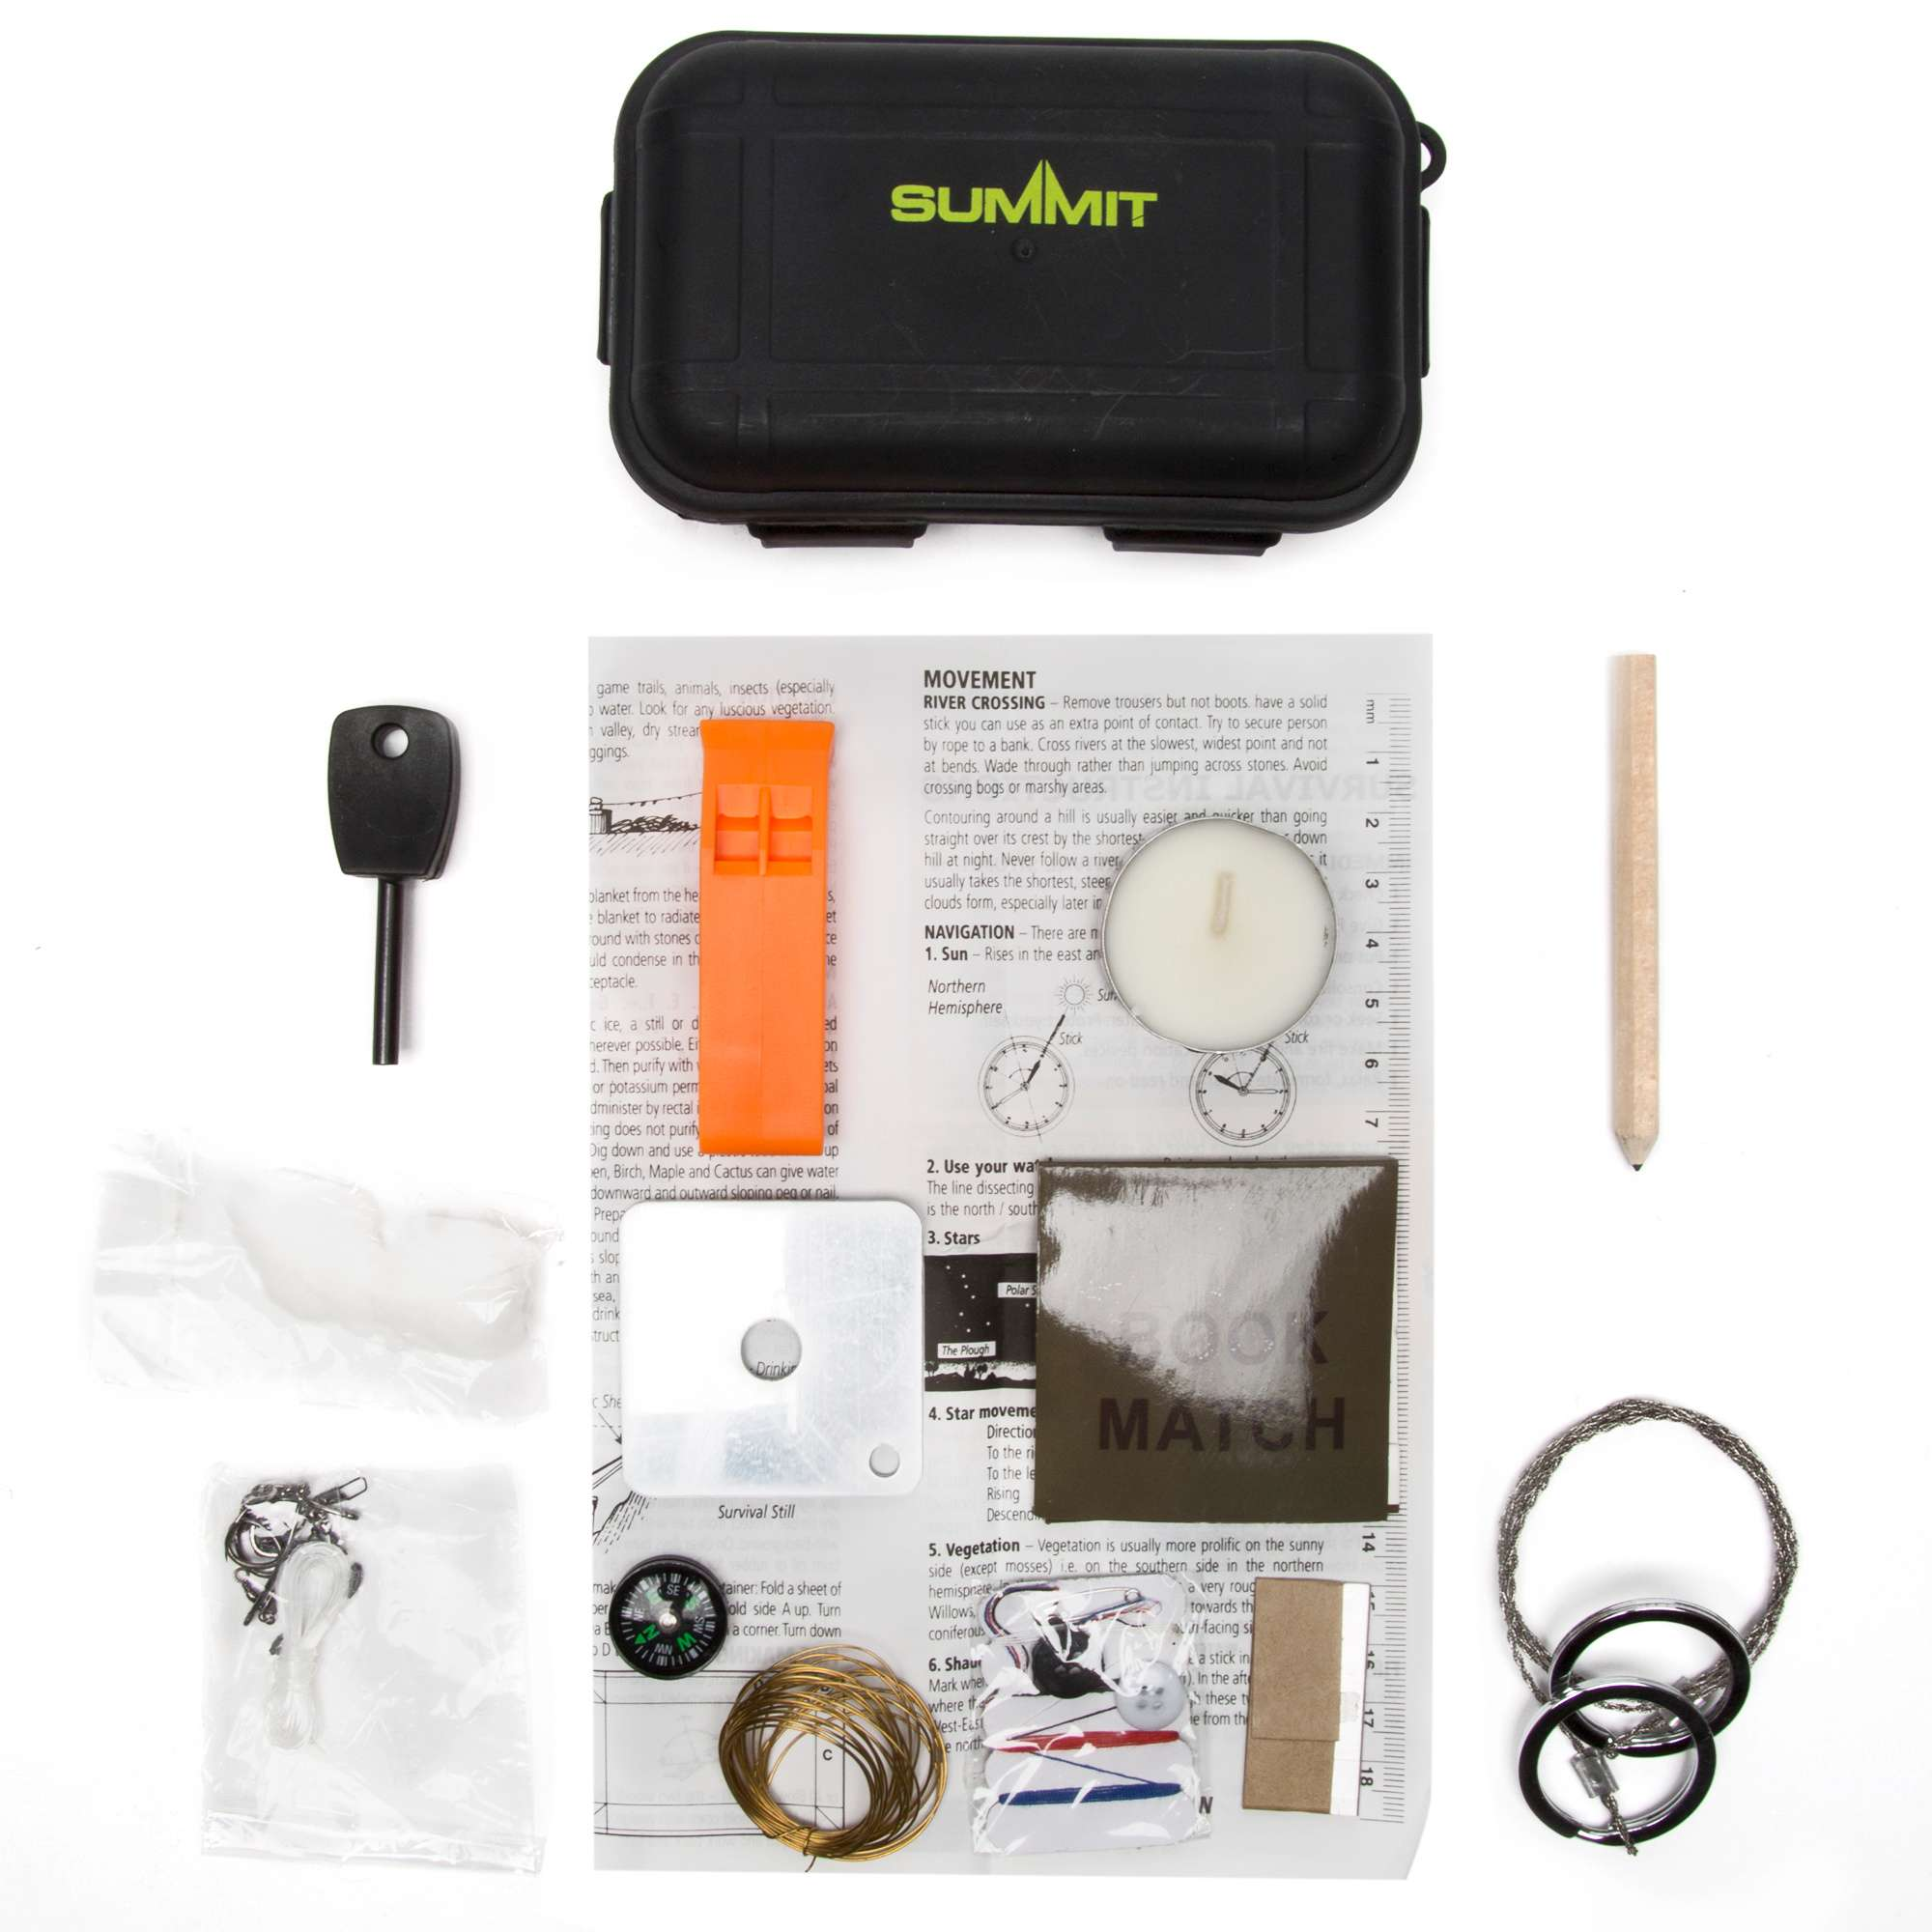 SUMMIT Survival Kit